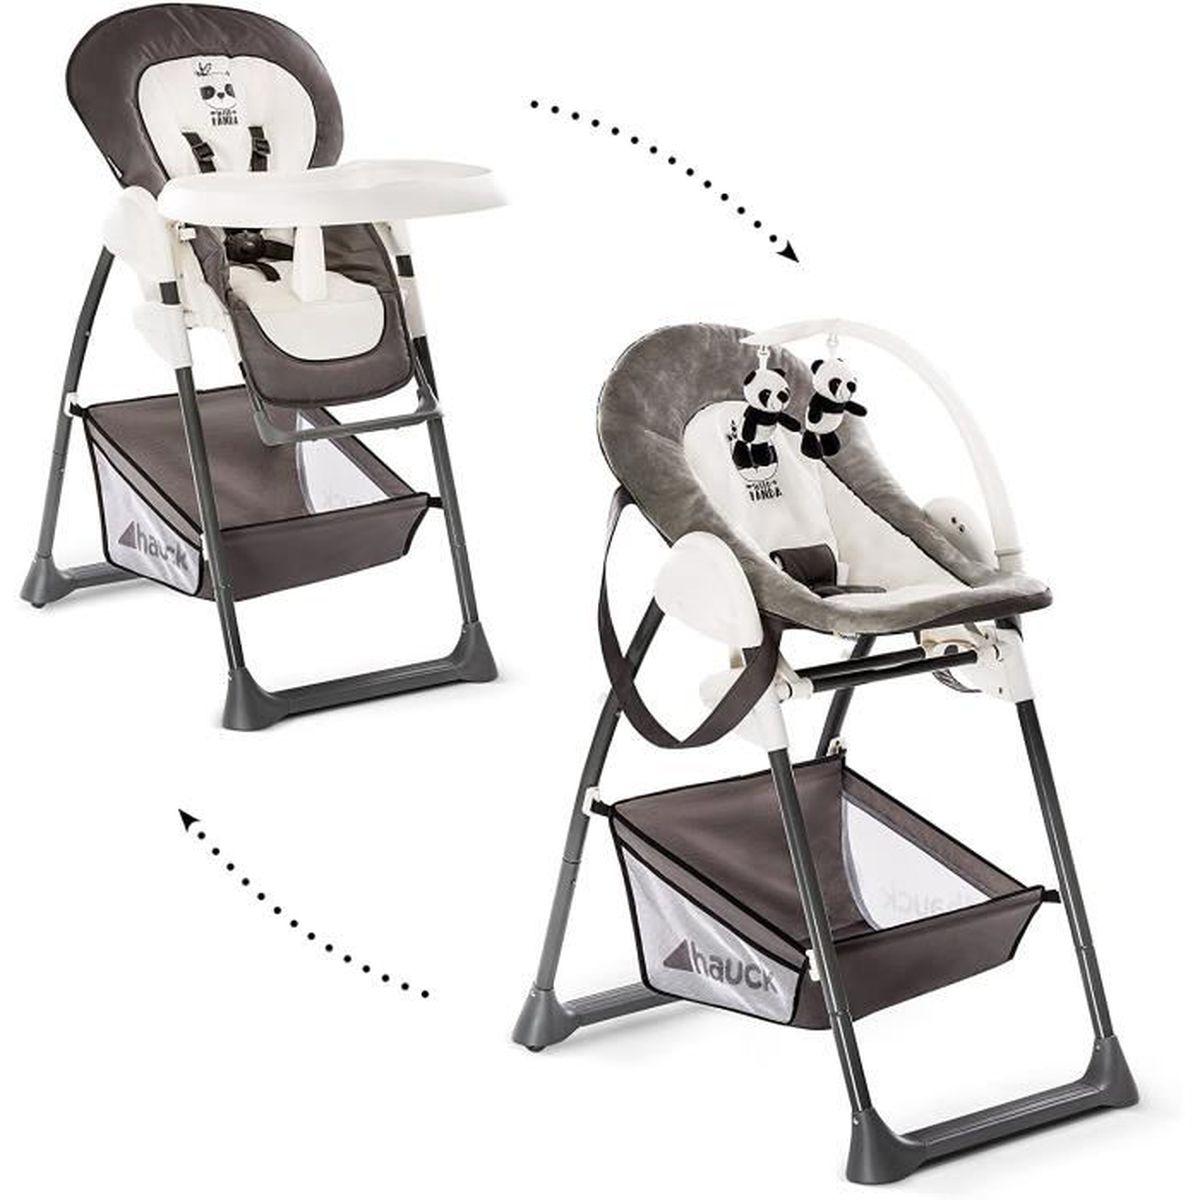 Hauck/ Sit N Relax/ Chaise Haute Bébé 5 en 5/ Transat Bébé et